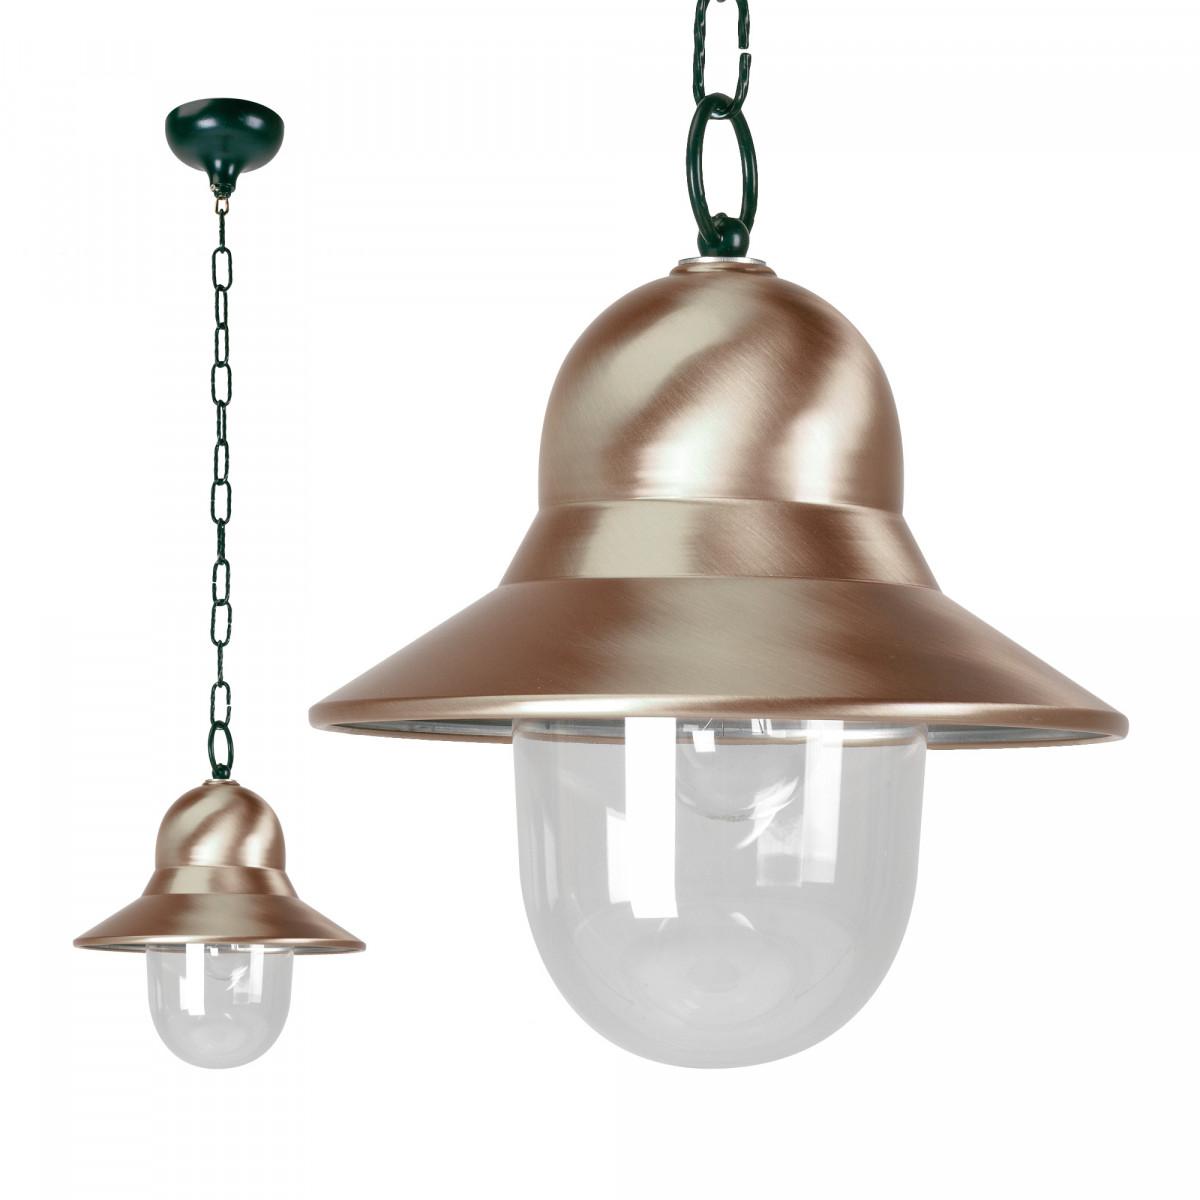 Hanglamp Toscane aan ketting